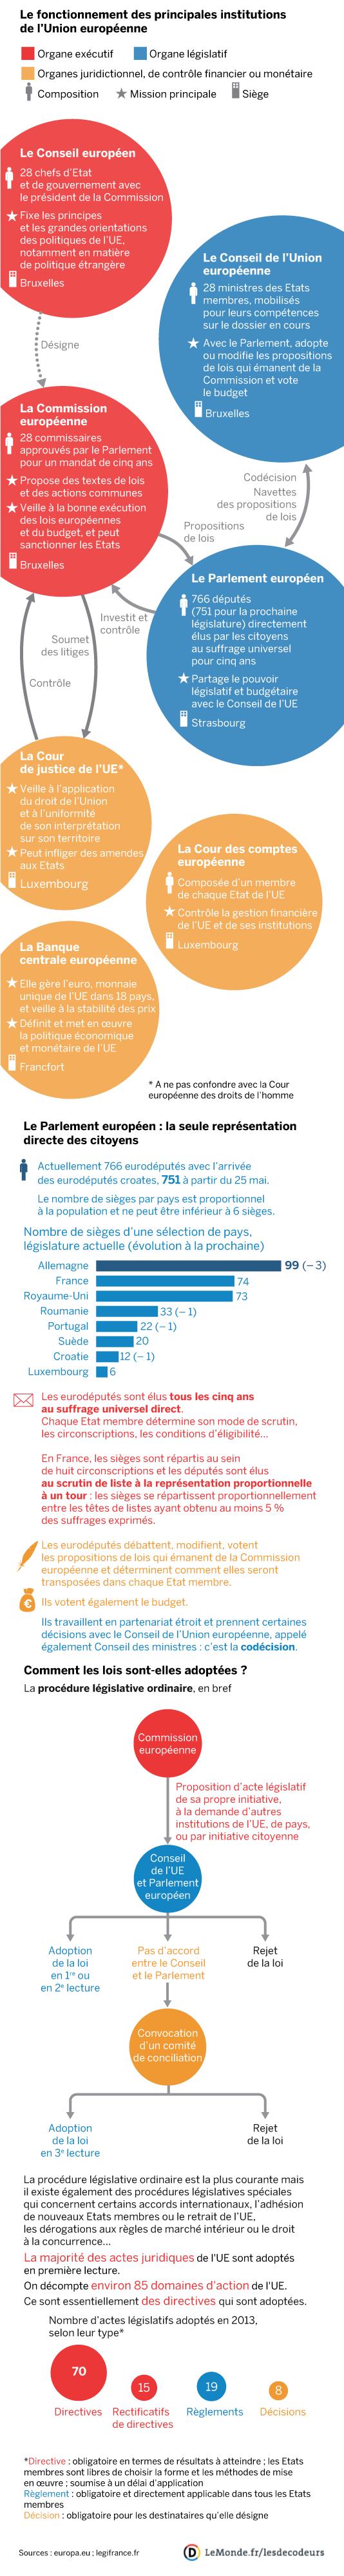 Comprendre Enfin Les Institutions De L Union Europeenne Etudiants En Droit Cours De Droit Concours Fonction Publique